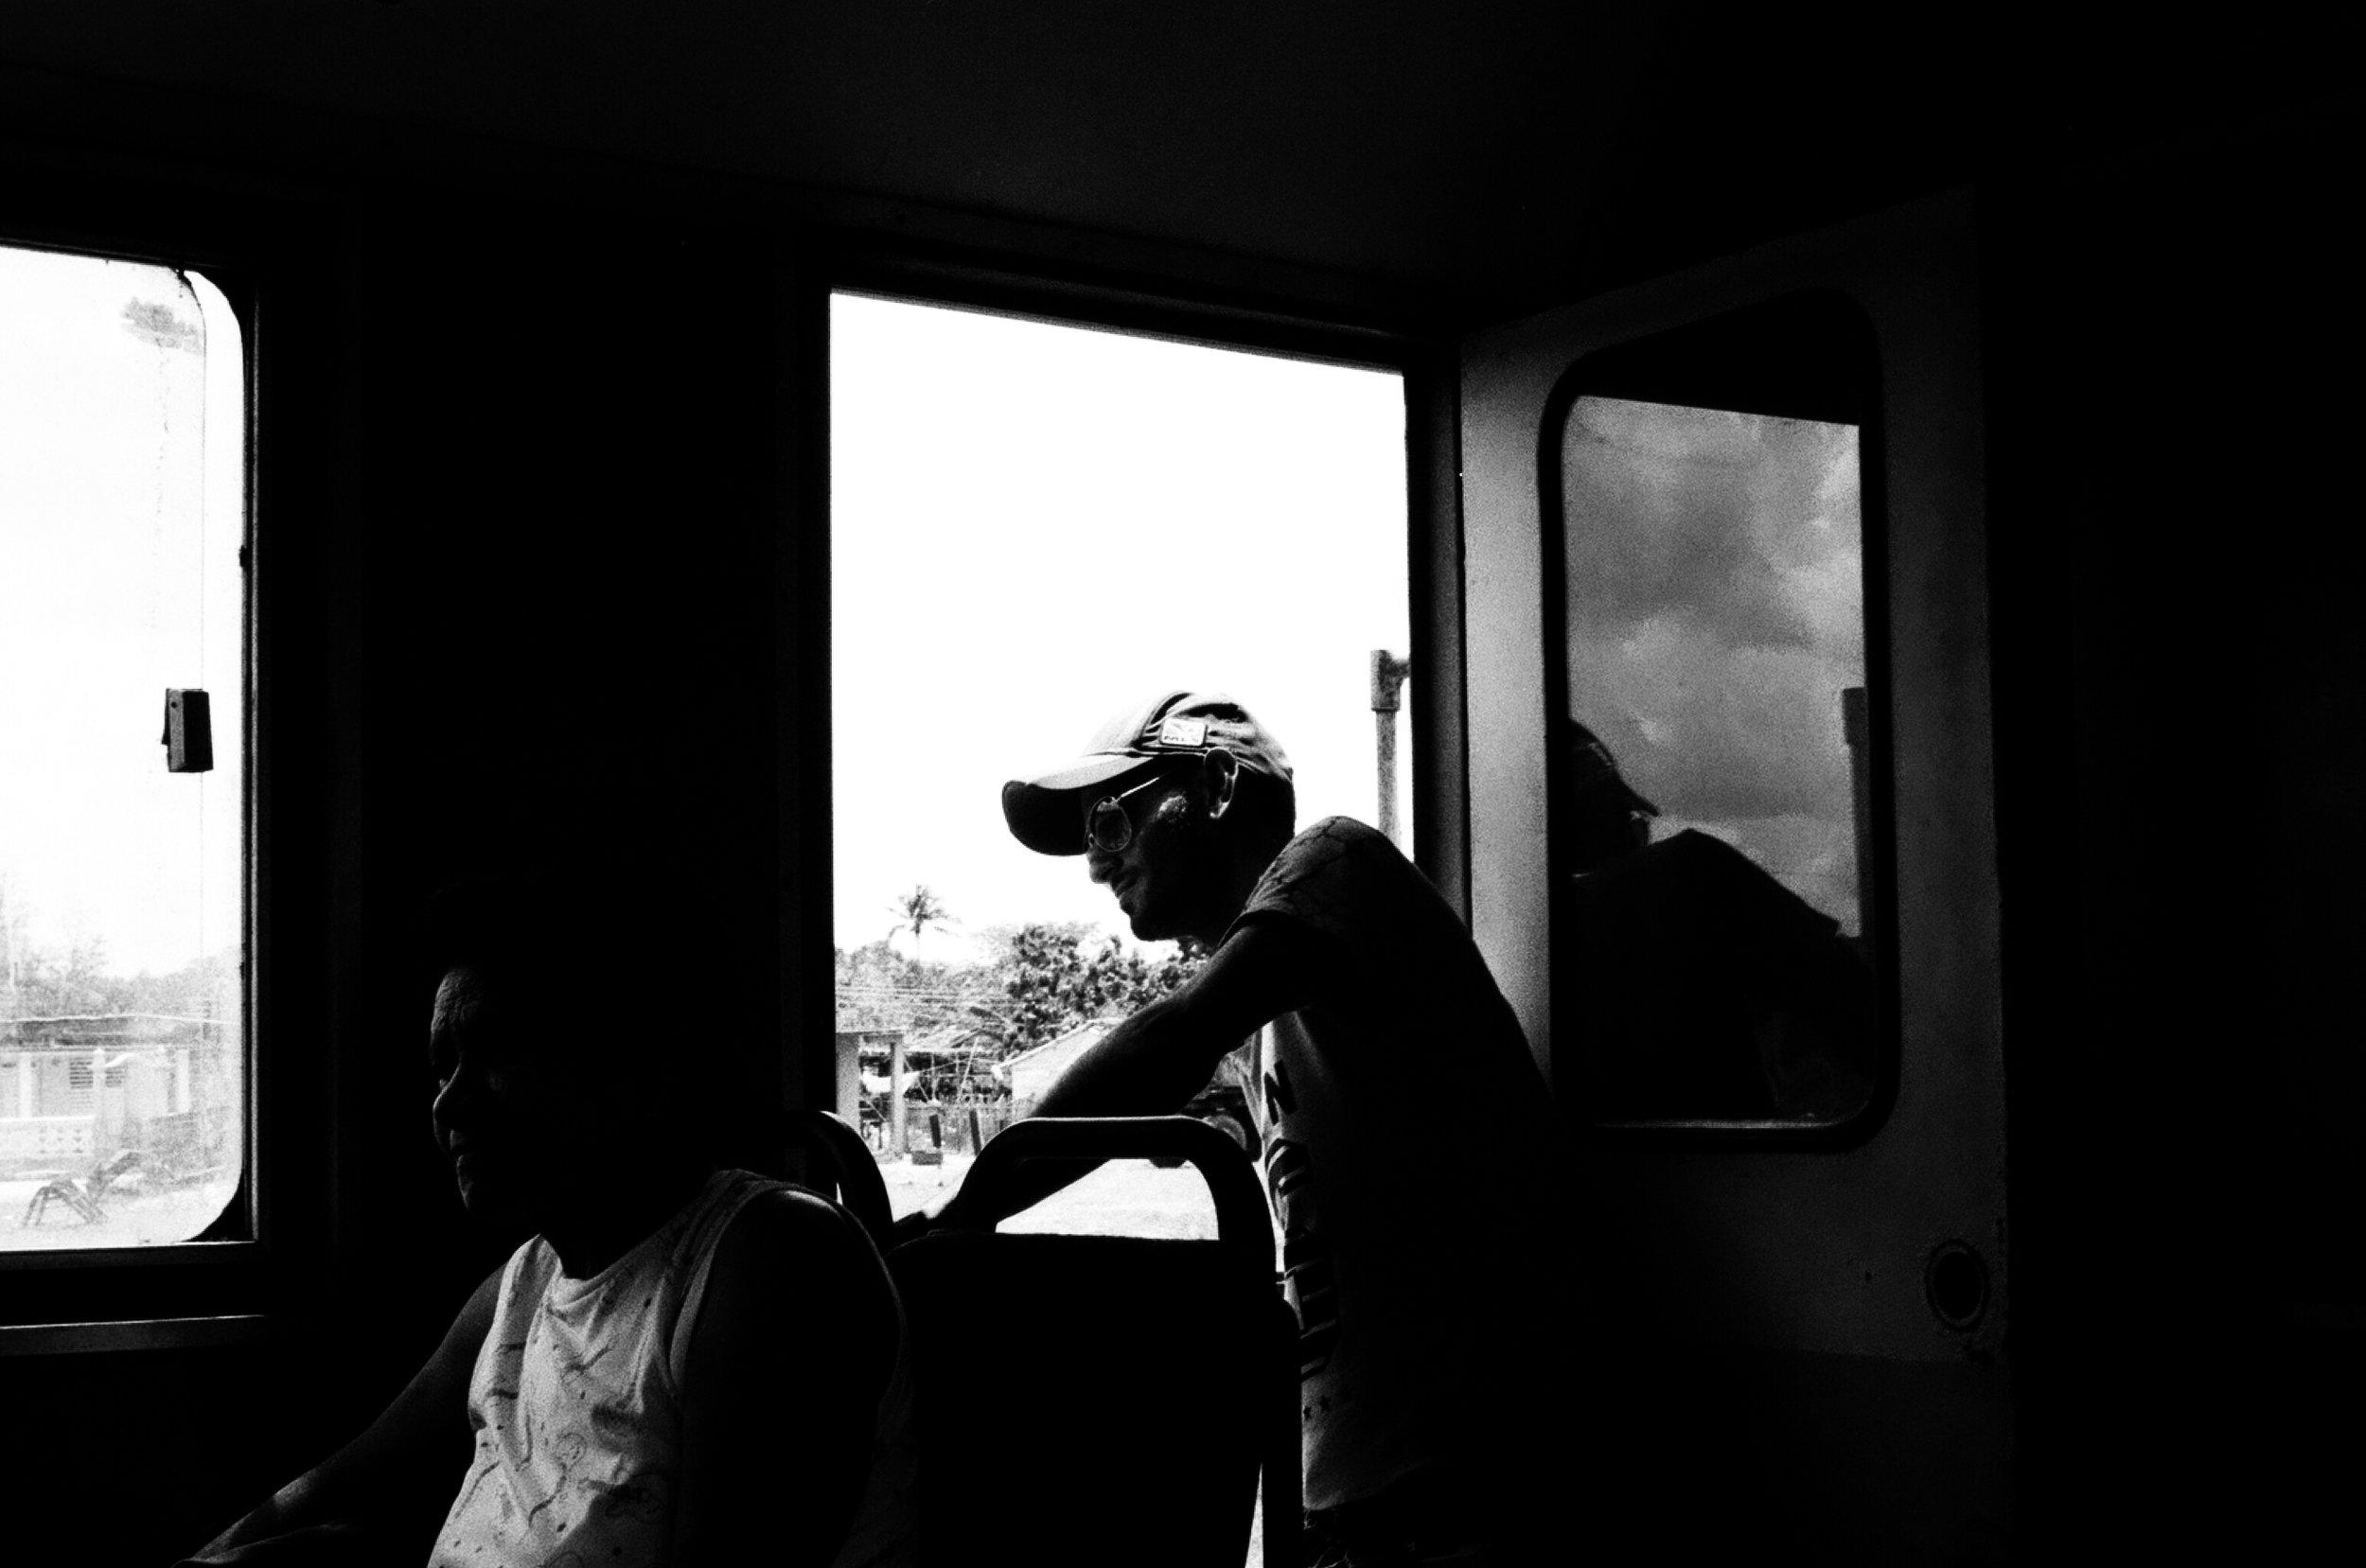 Entre Sagua et Santa Clara, un passager du train admire le paysage verdoyant des prairies cubaines.